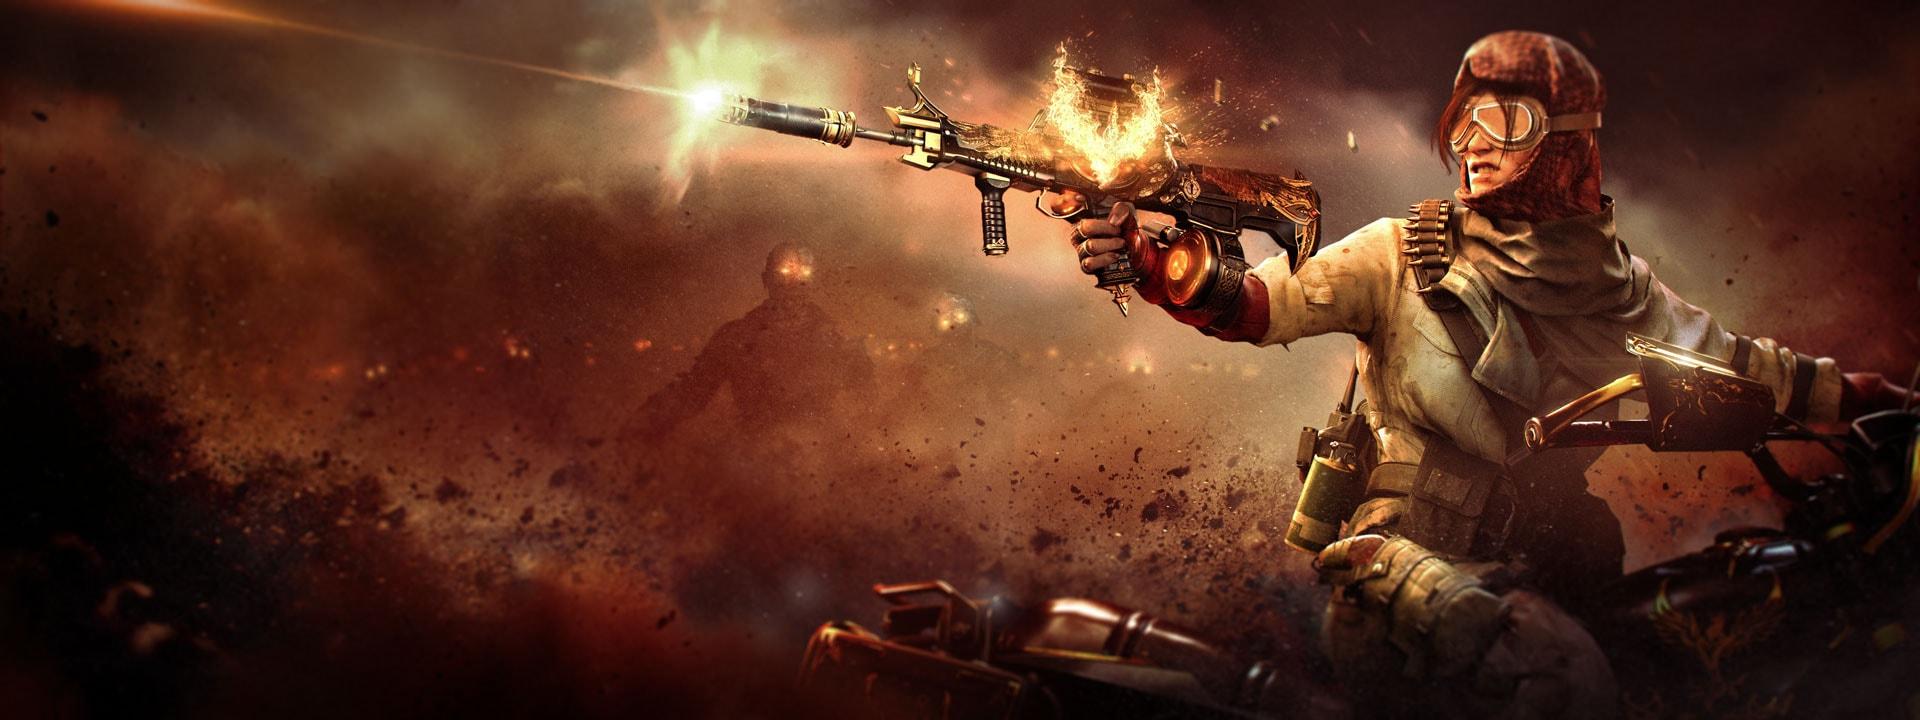 Frau, die eine brennende Waffe abfeuert, während sich ein Zombie von hinten nähert